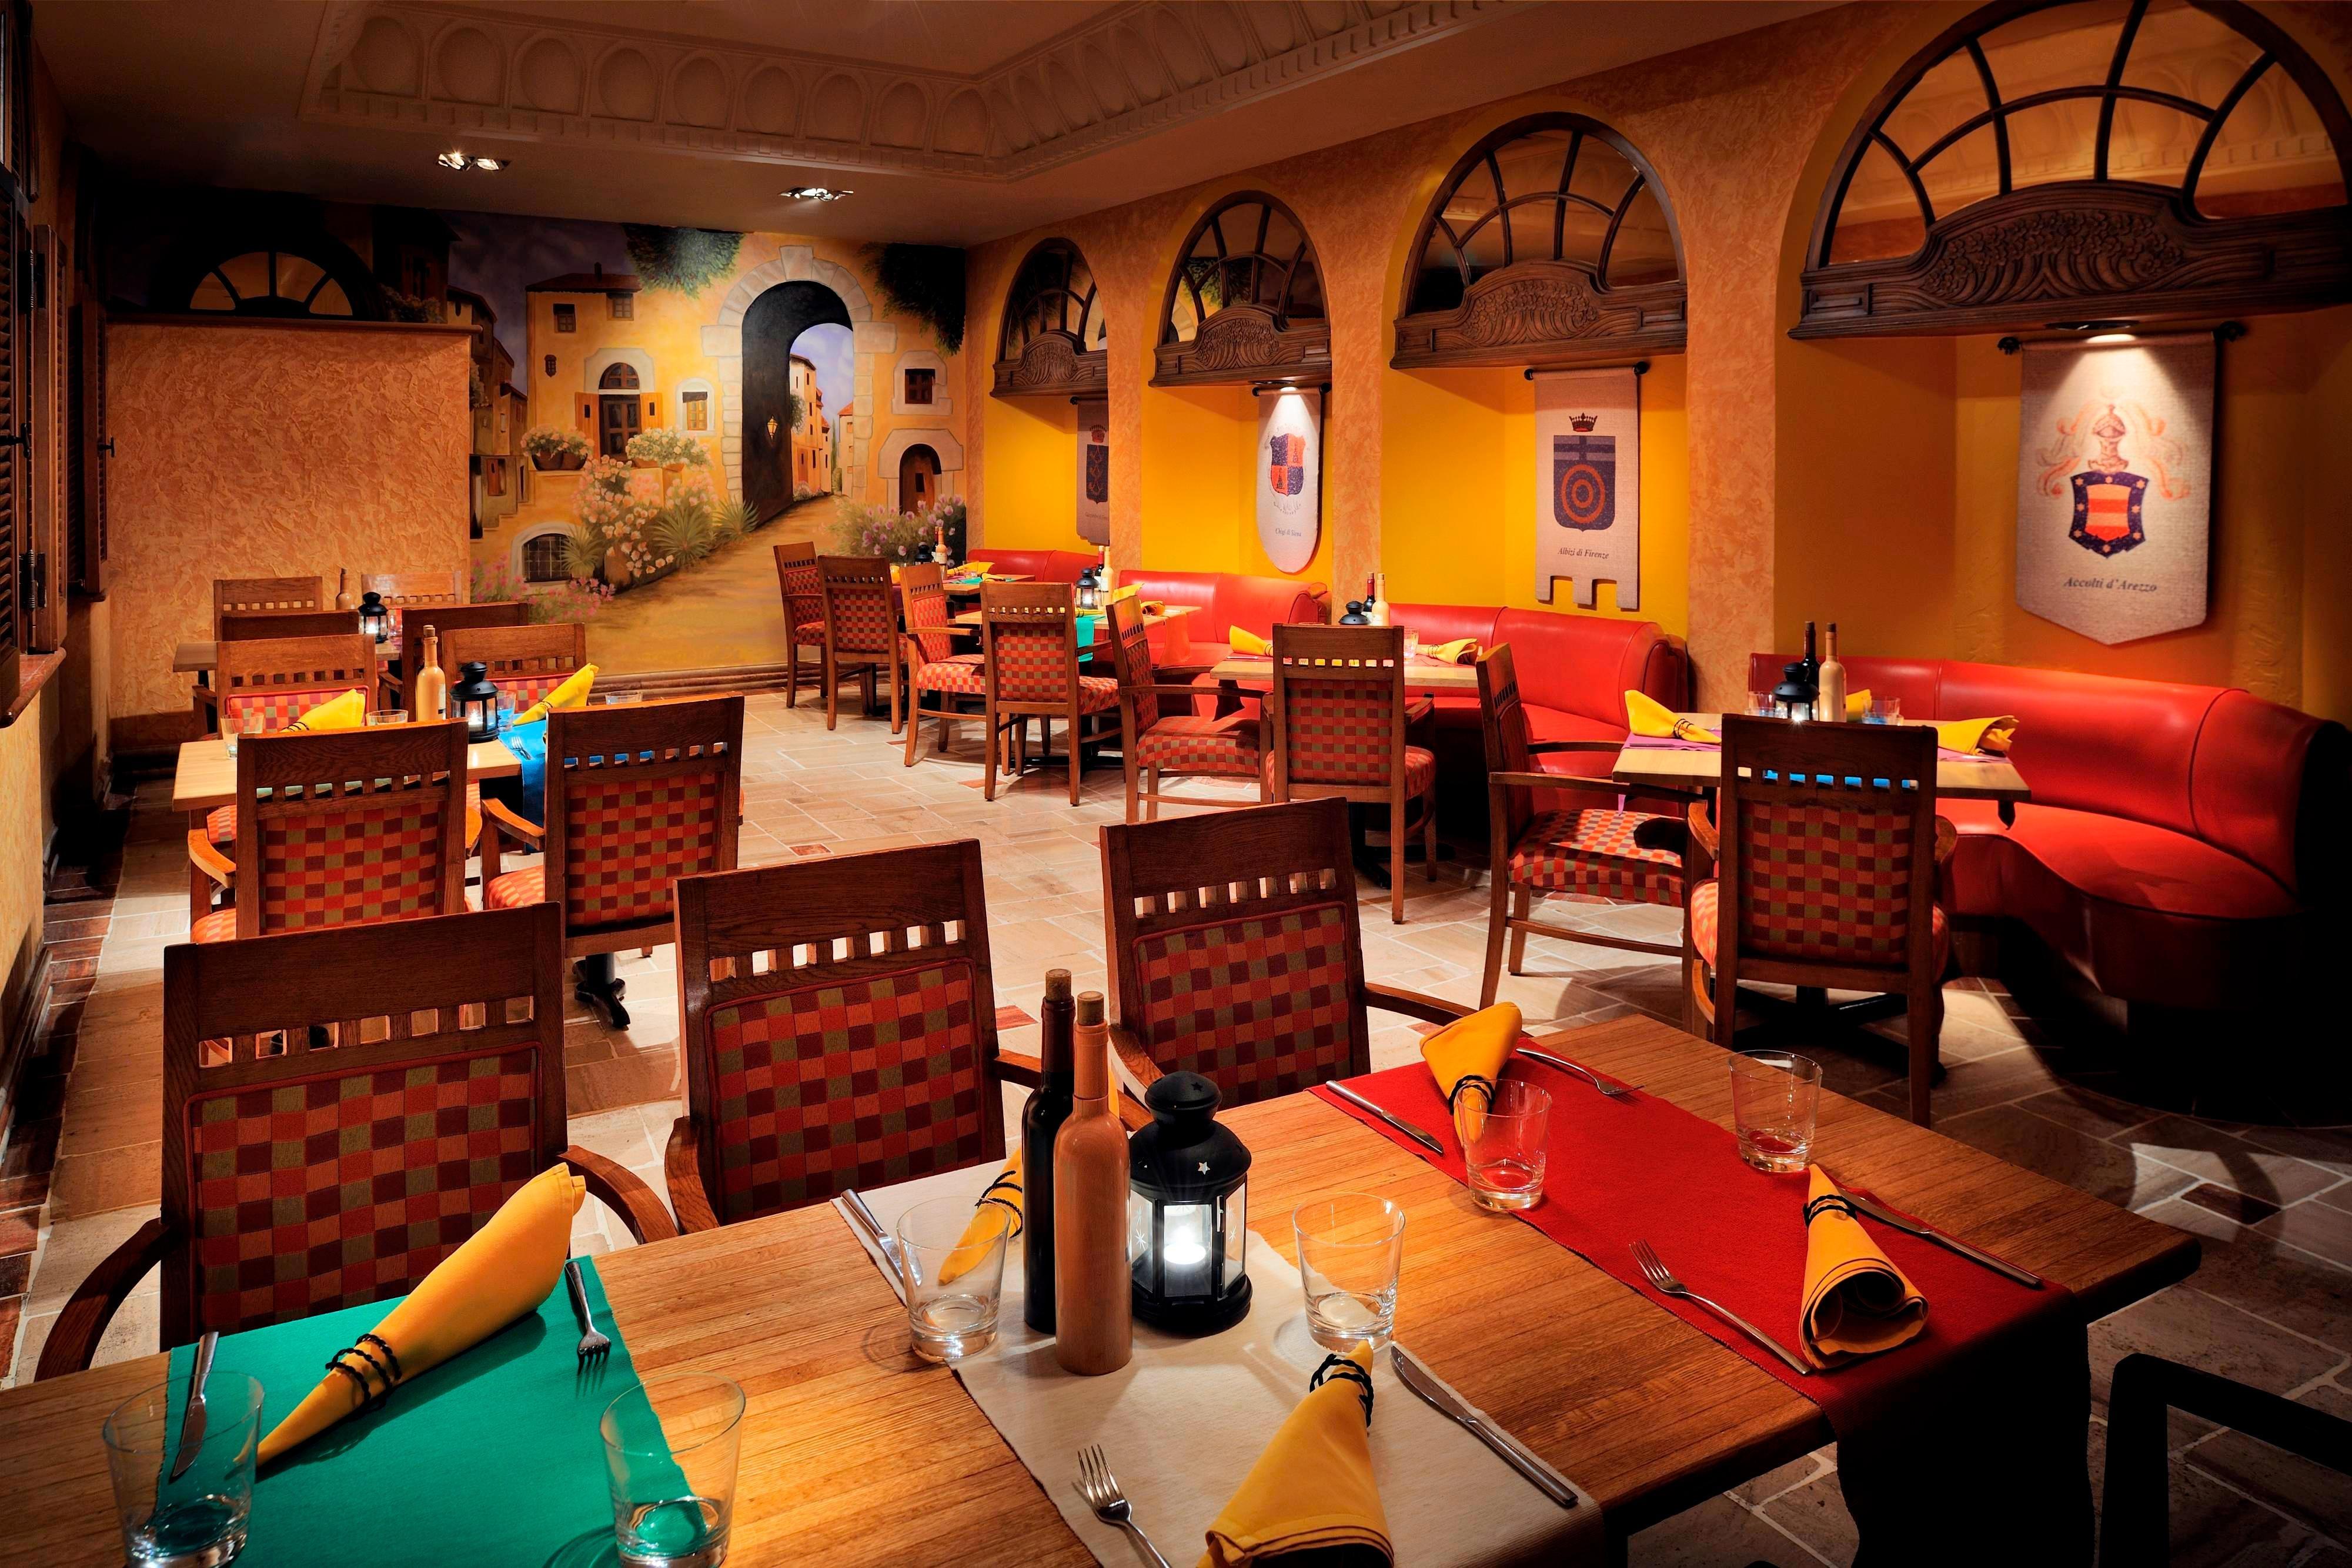 Ristorante Tuscany Marriott Cairo Hotel